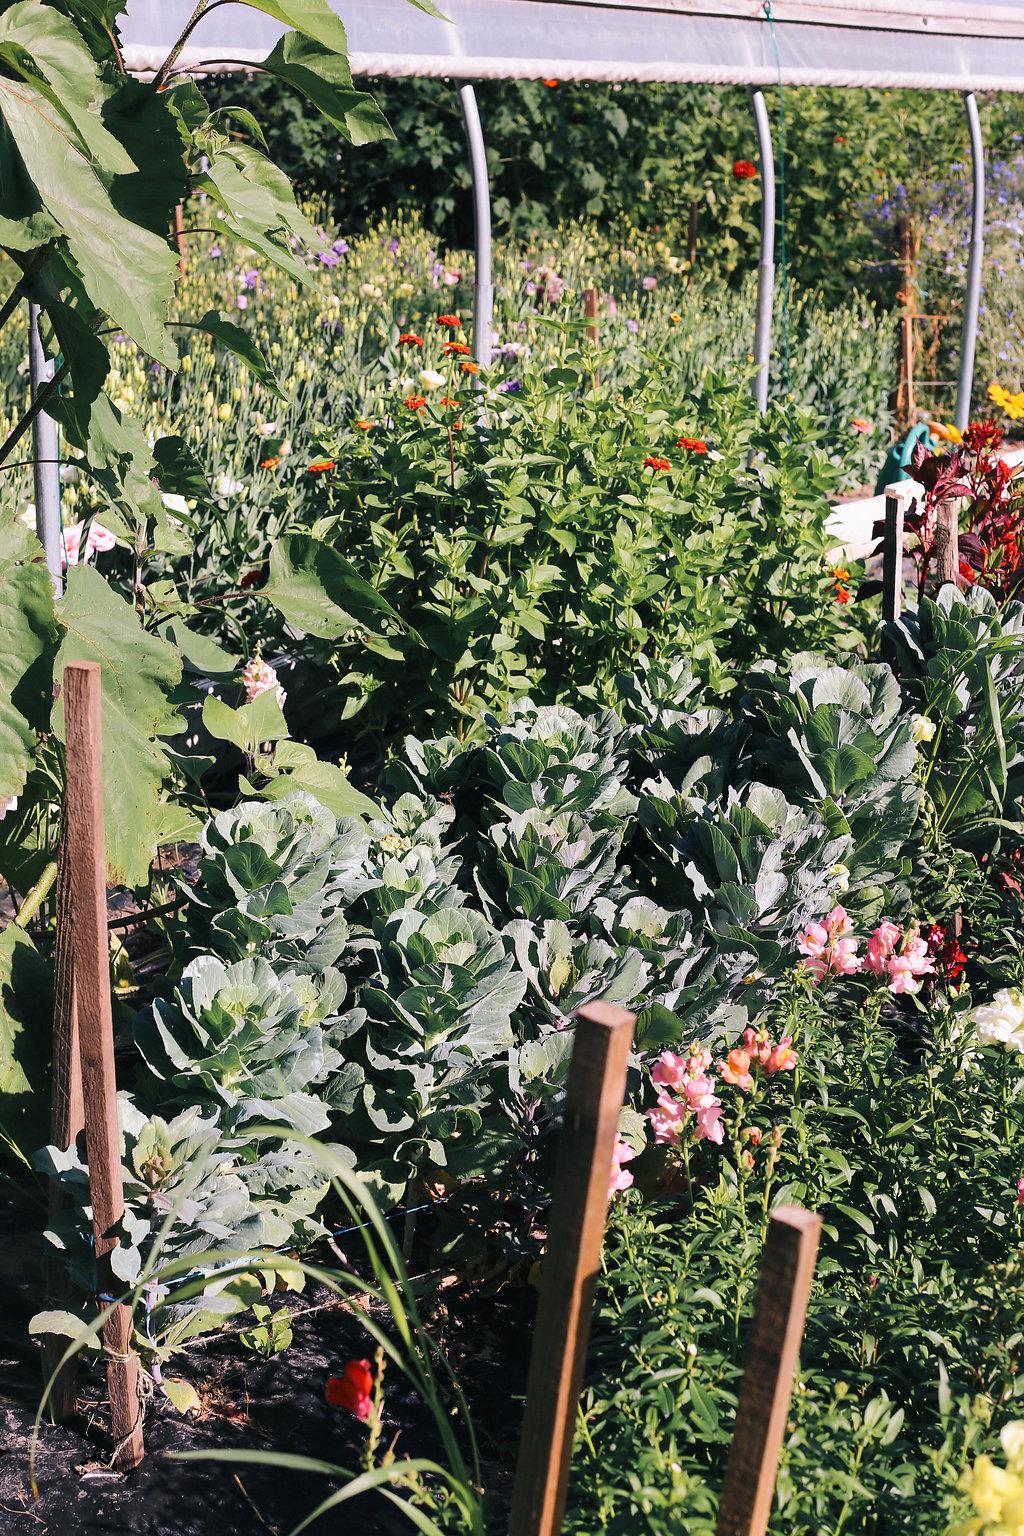 Farmhouse.Flowers_at_Mayneland.Farm-5756.jpg